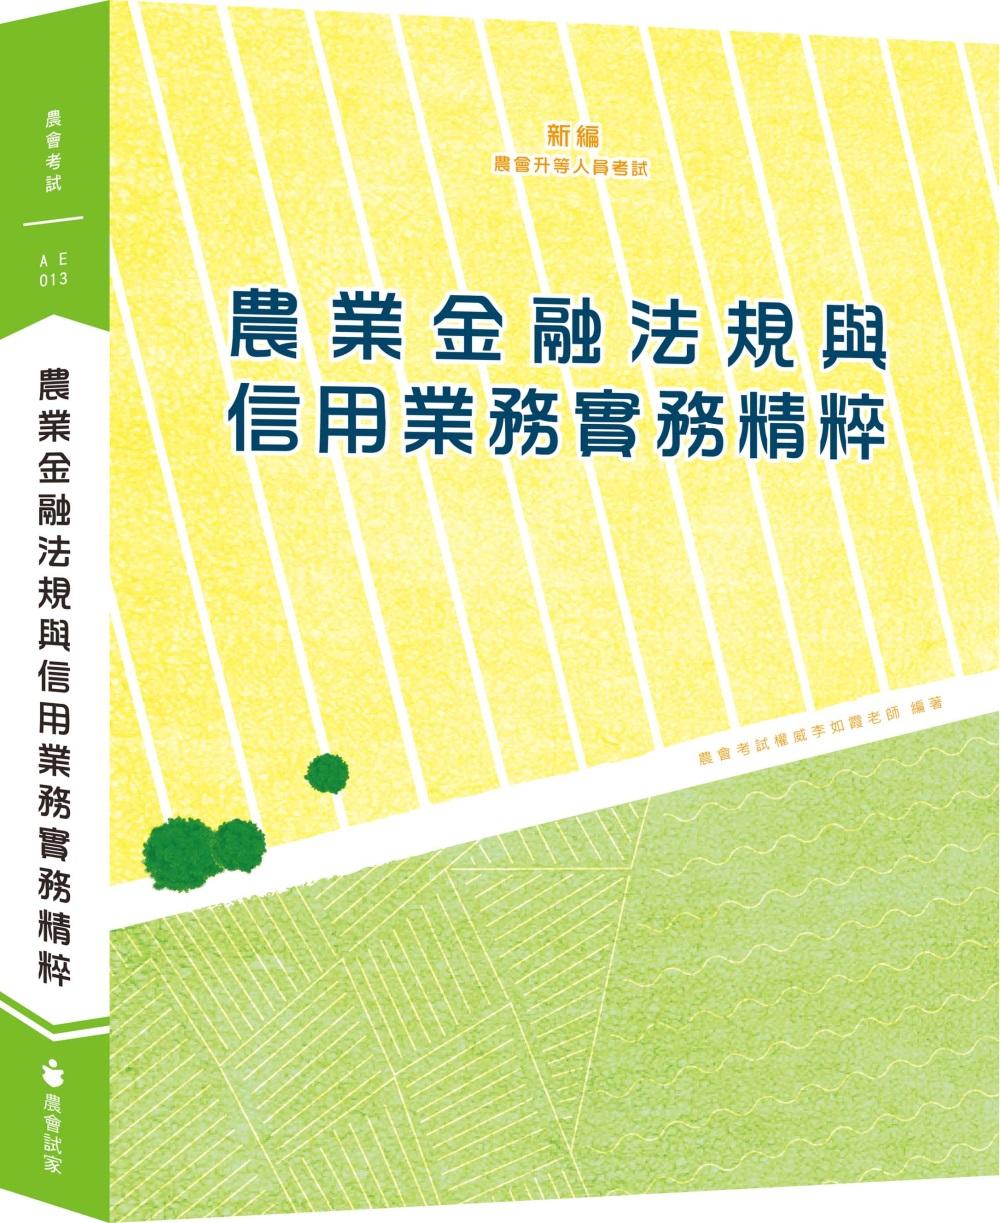 新編農業金融法規與信用業務實務精粹(九版)